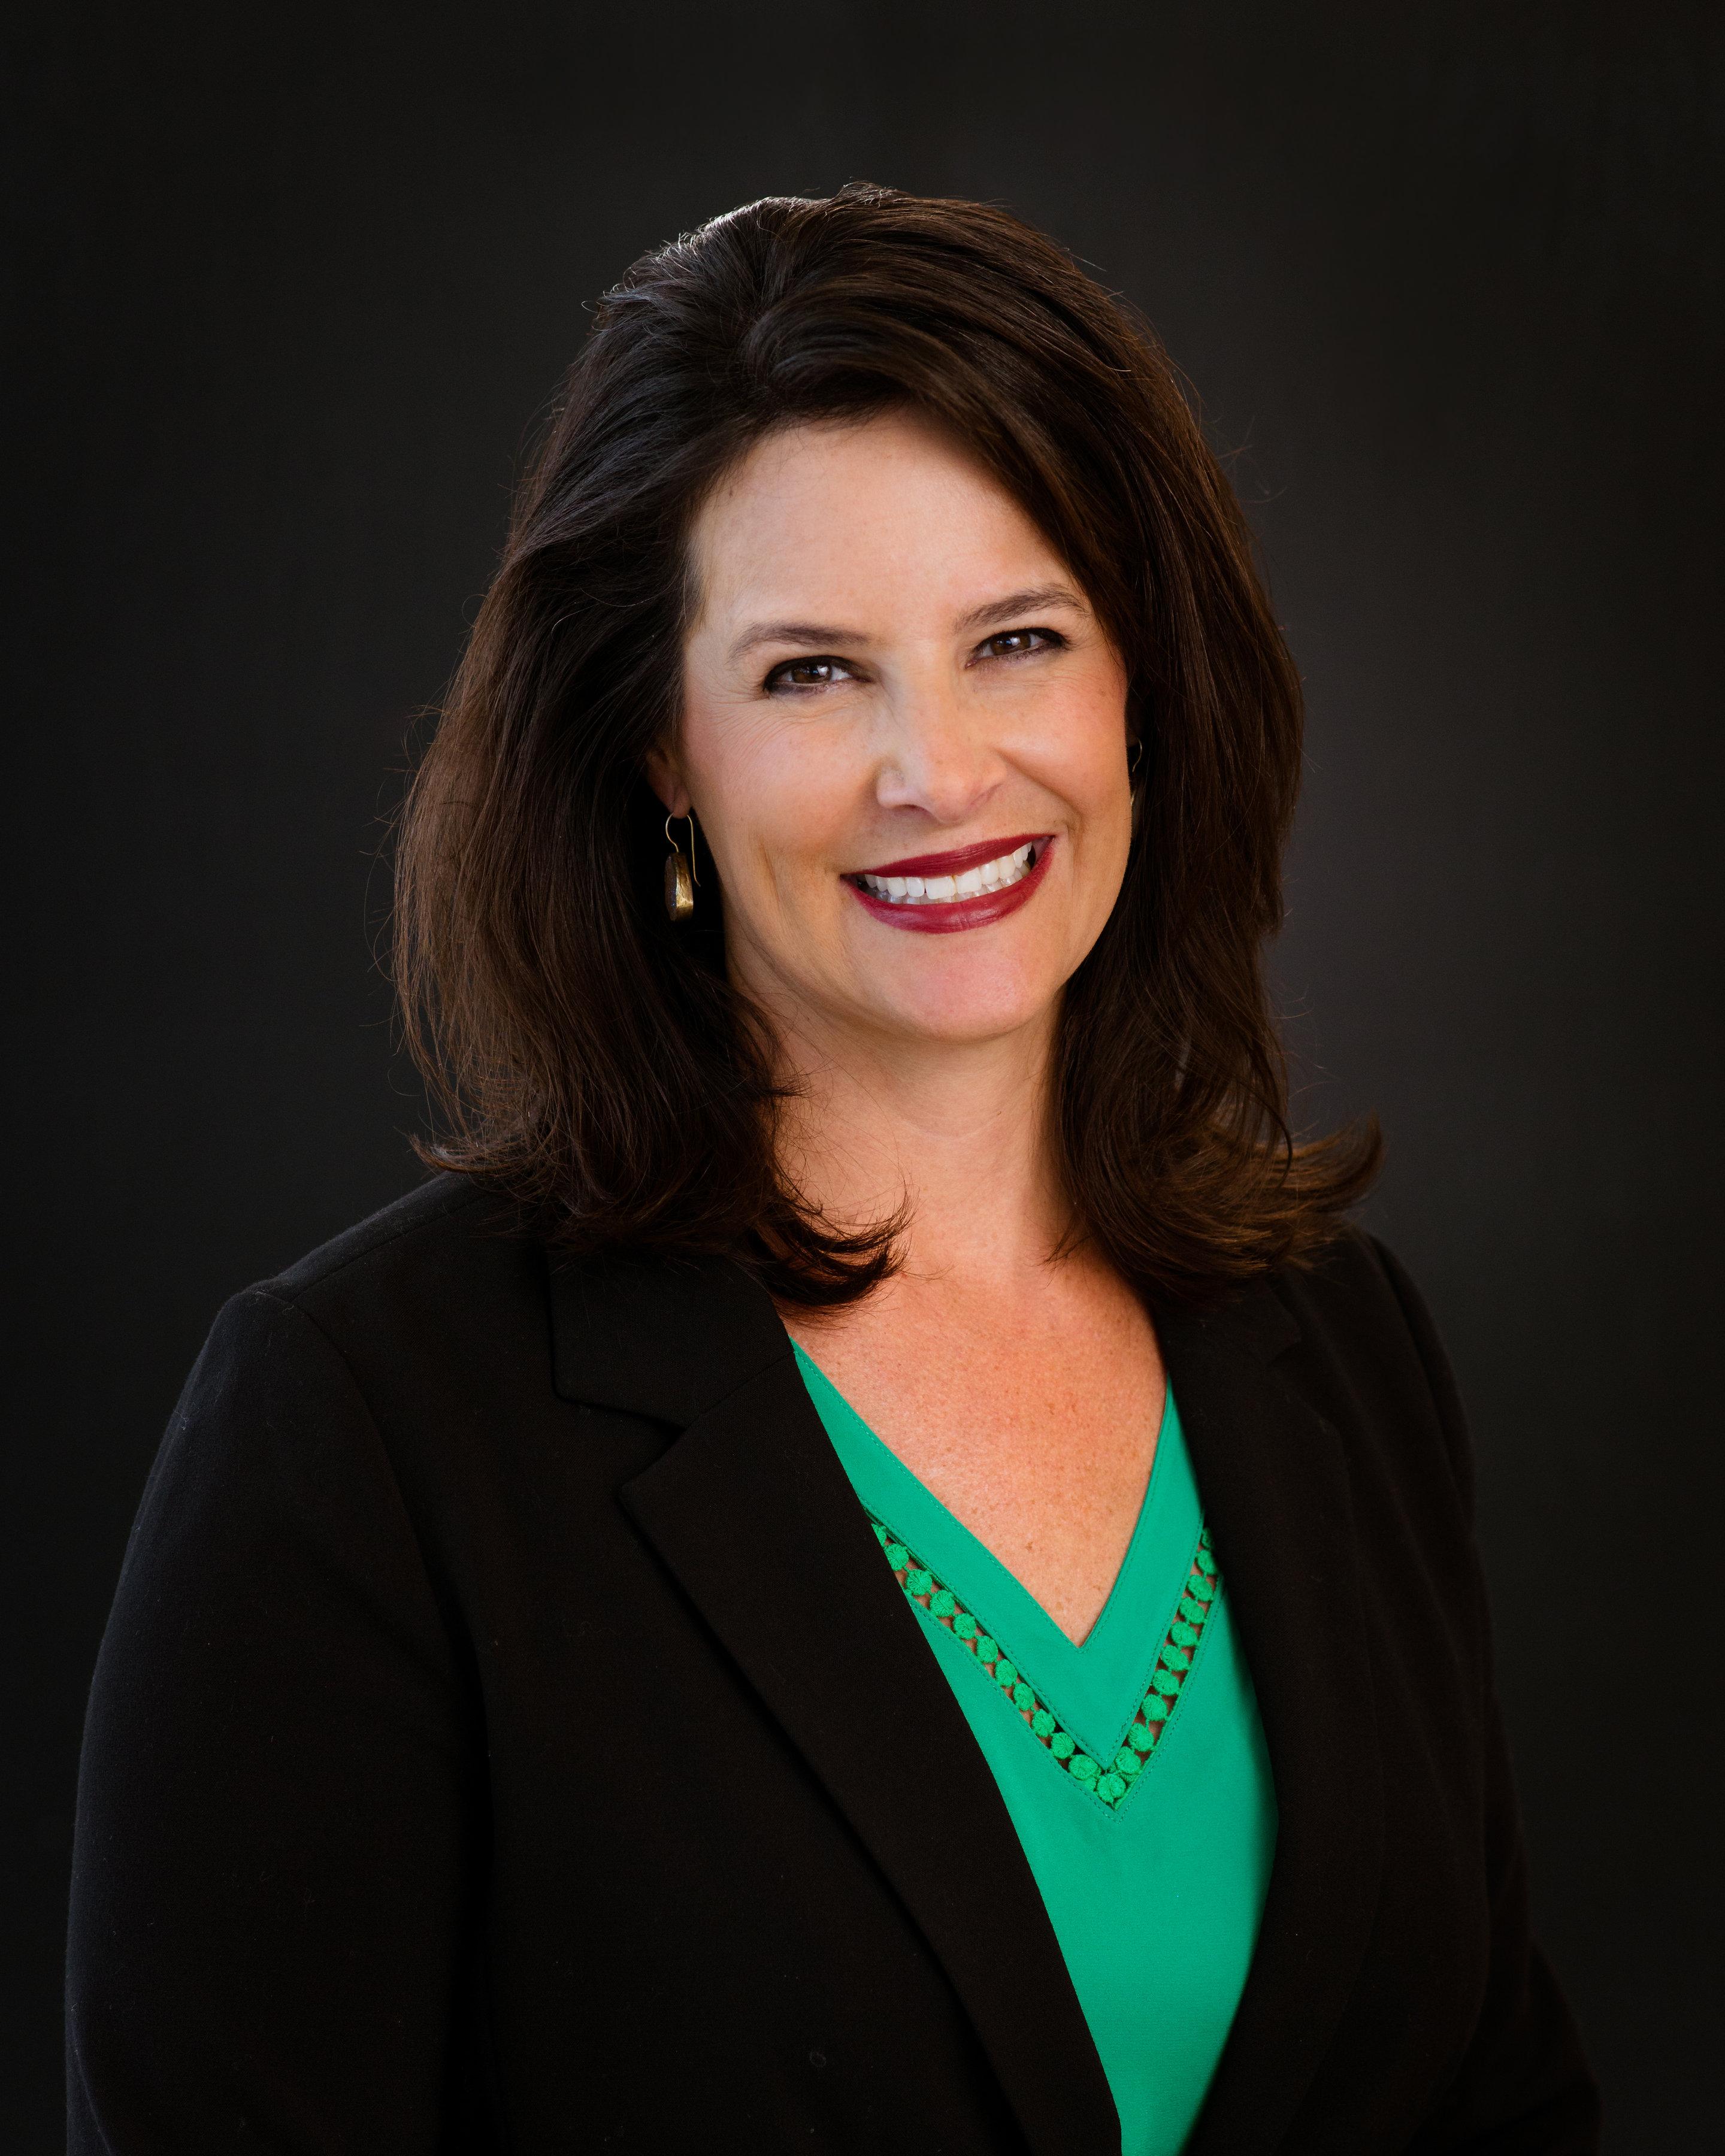 Julie Cotton - Northwest Florida State College